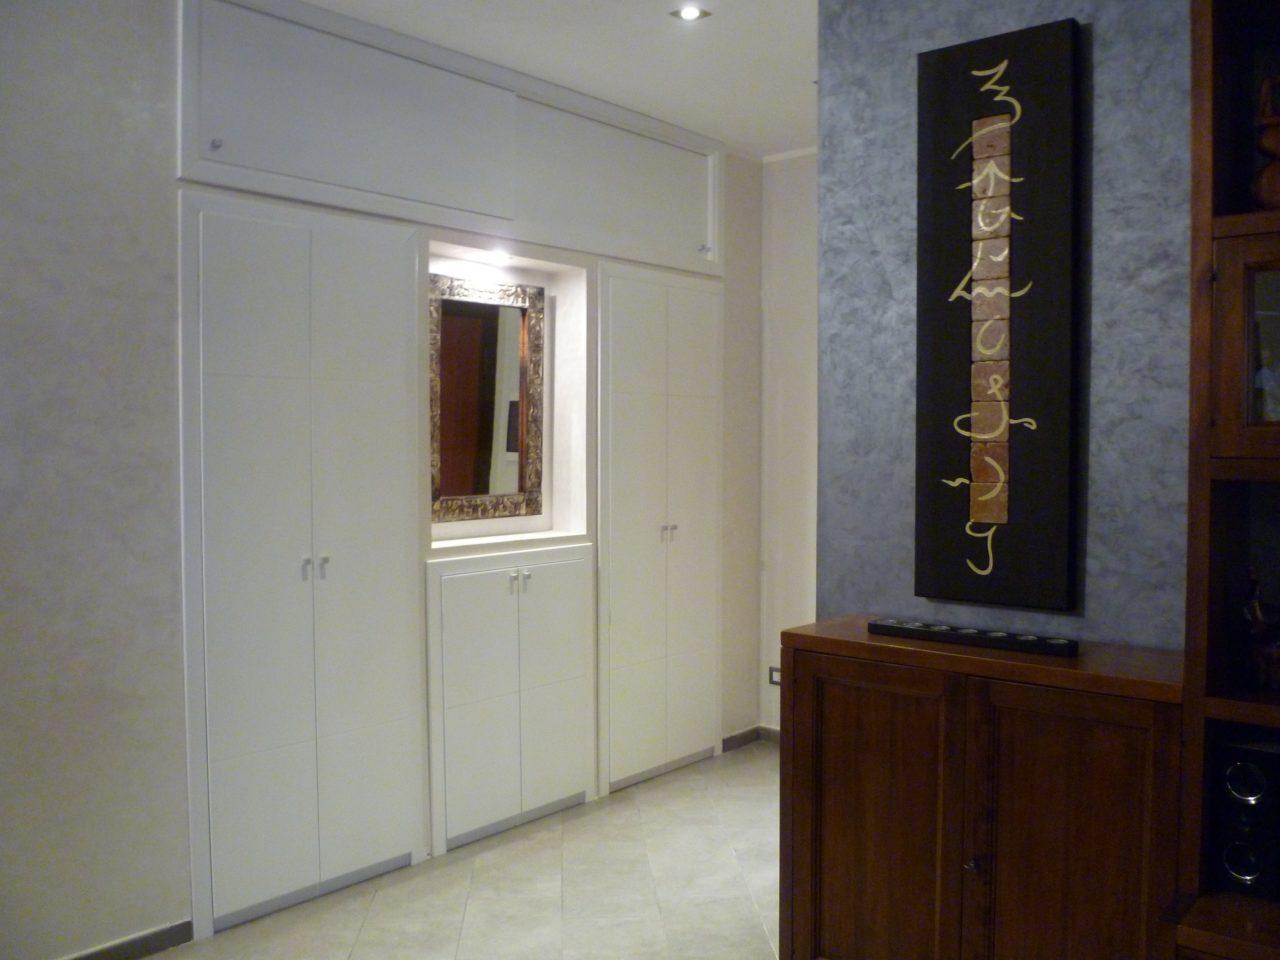 Armadio a parete parete porta cabina armadio soluzione - Ikea armadi a muro ...